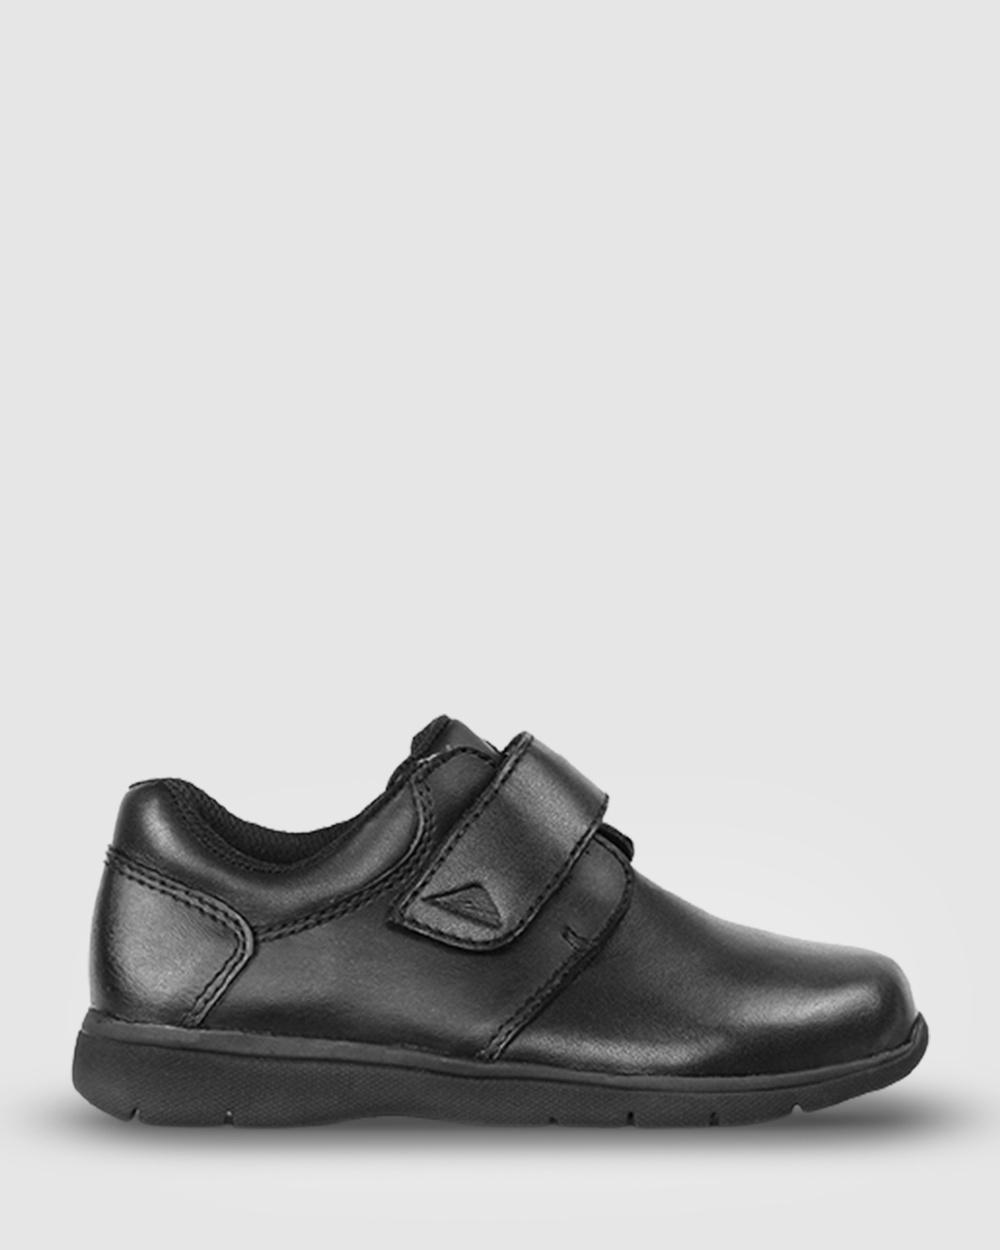 Ascent Prep 2 School Shoes Black Australia